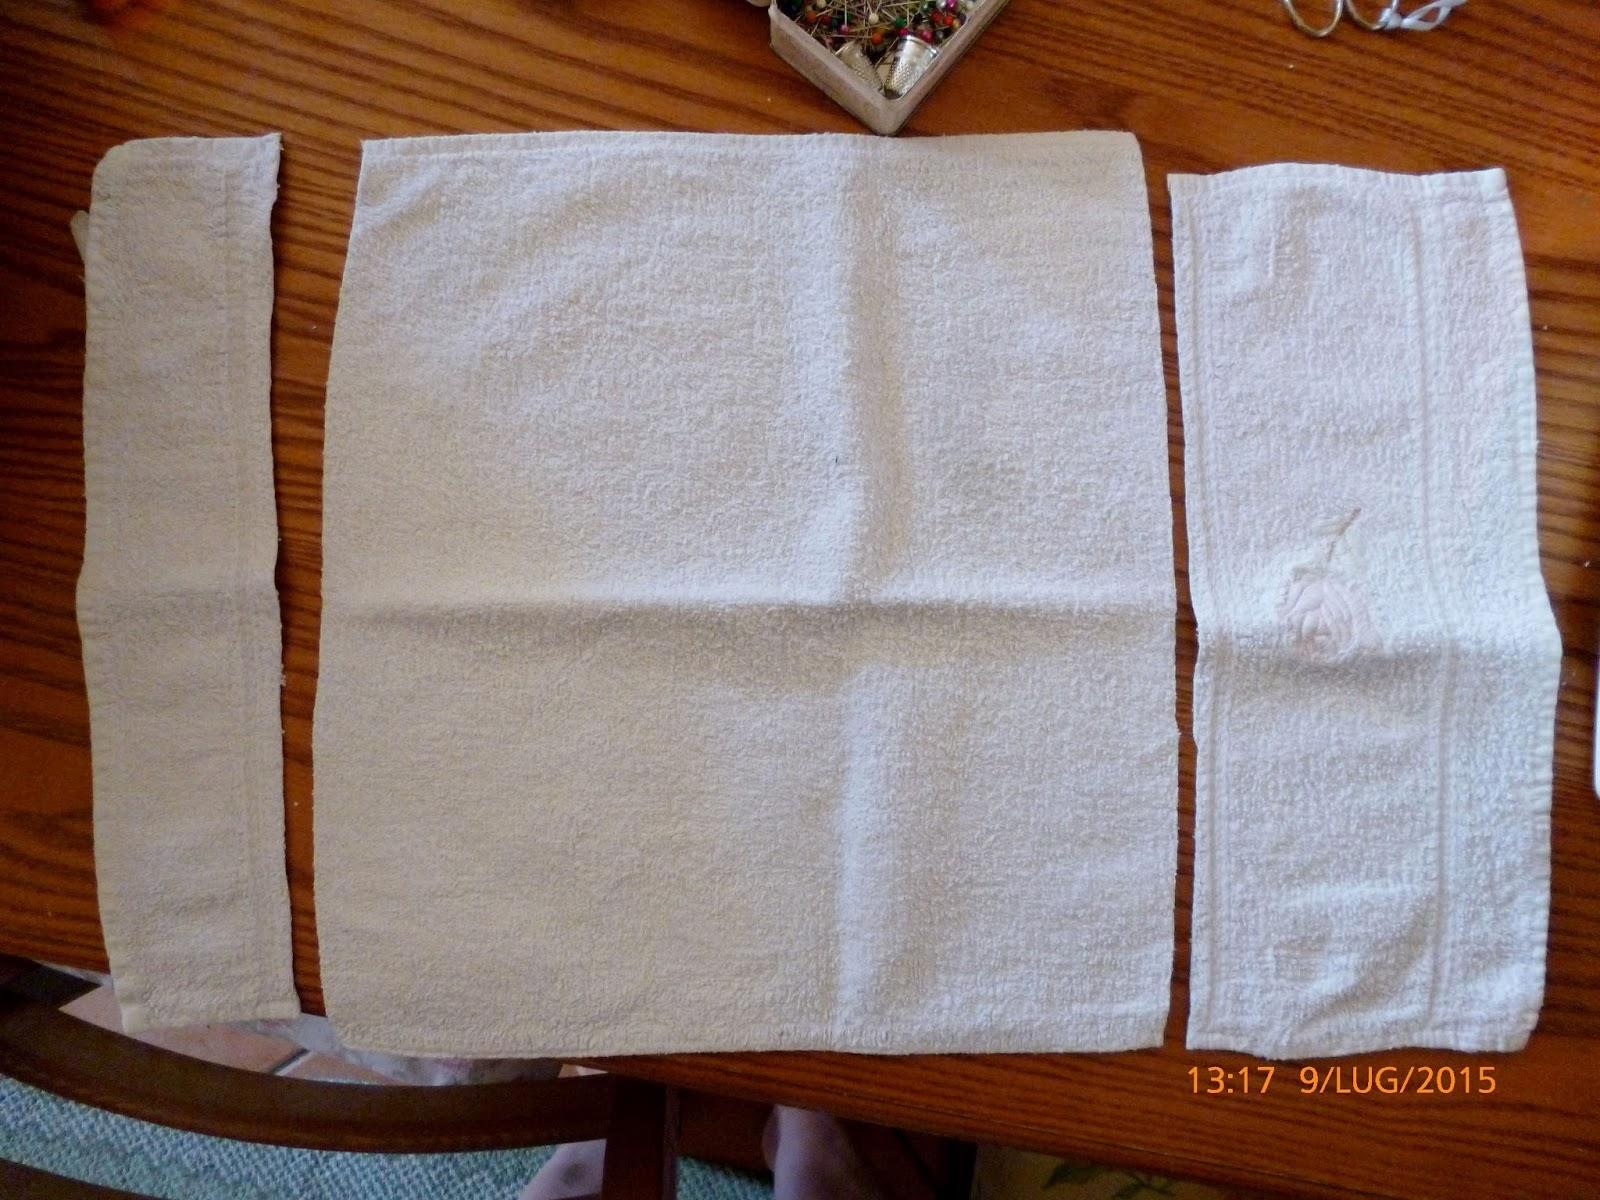 Popolare _-*-_-*- Gatta Creativa -*-_-*-_: I vecchi asciugamani non si  EL11